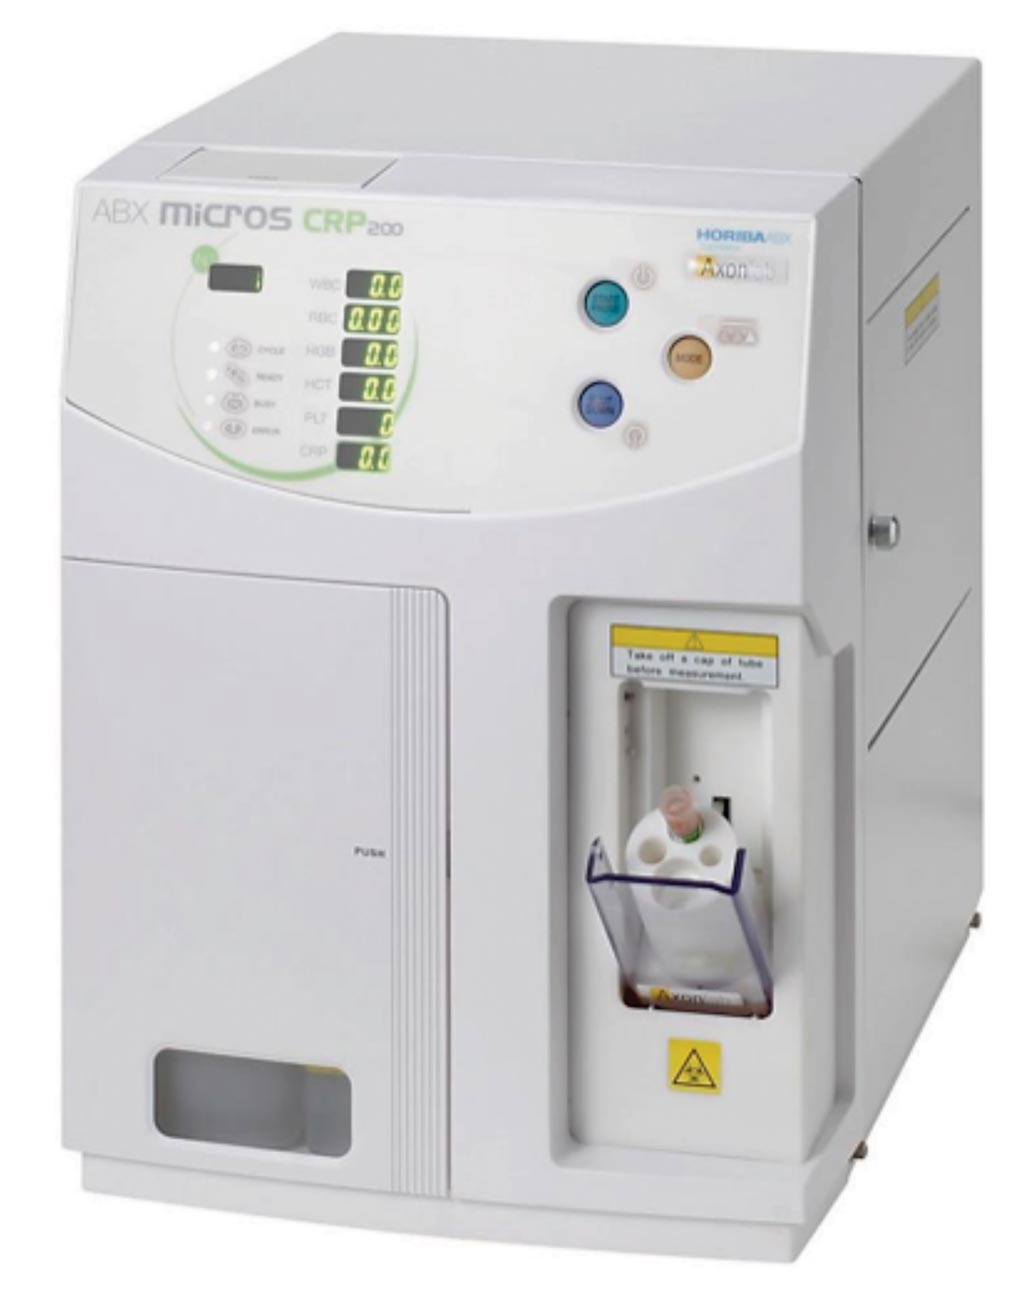 Image: The ABX Micros CRP 200 hematology analyzer (Photo courtesy of Horiba Medical).